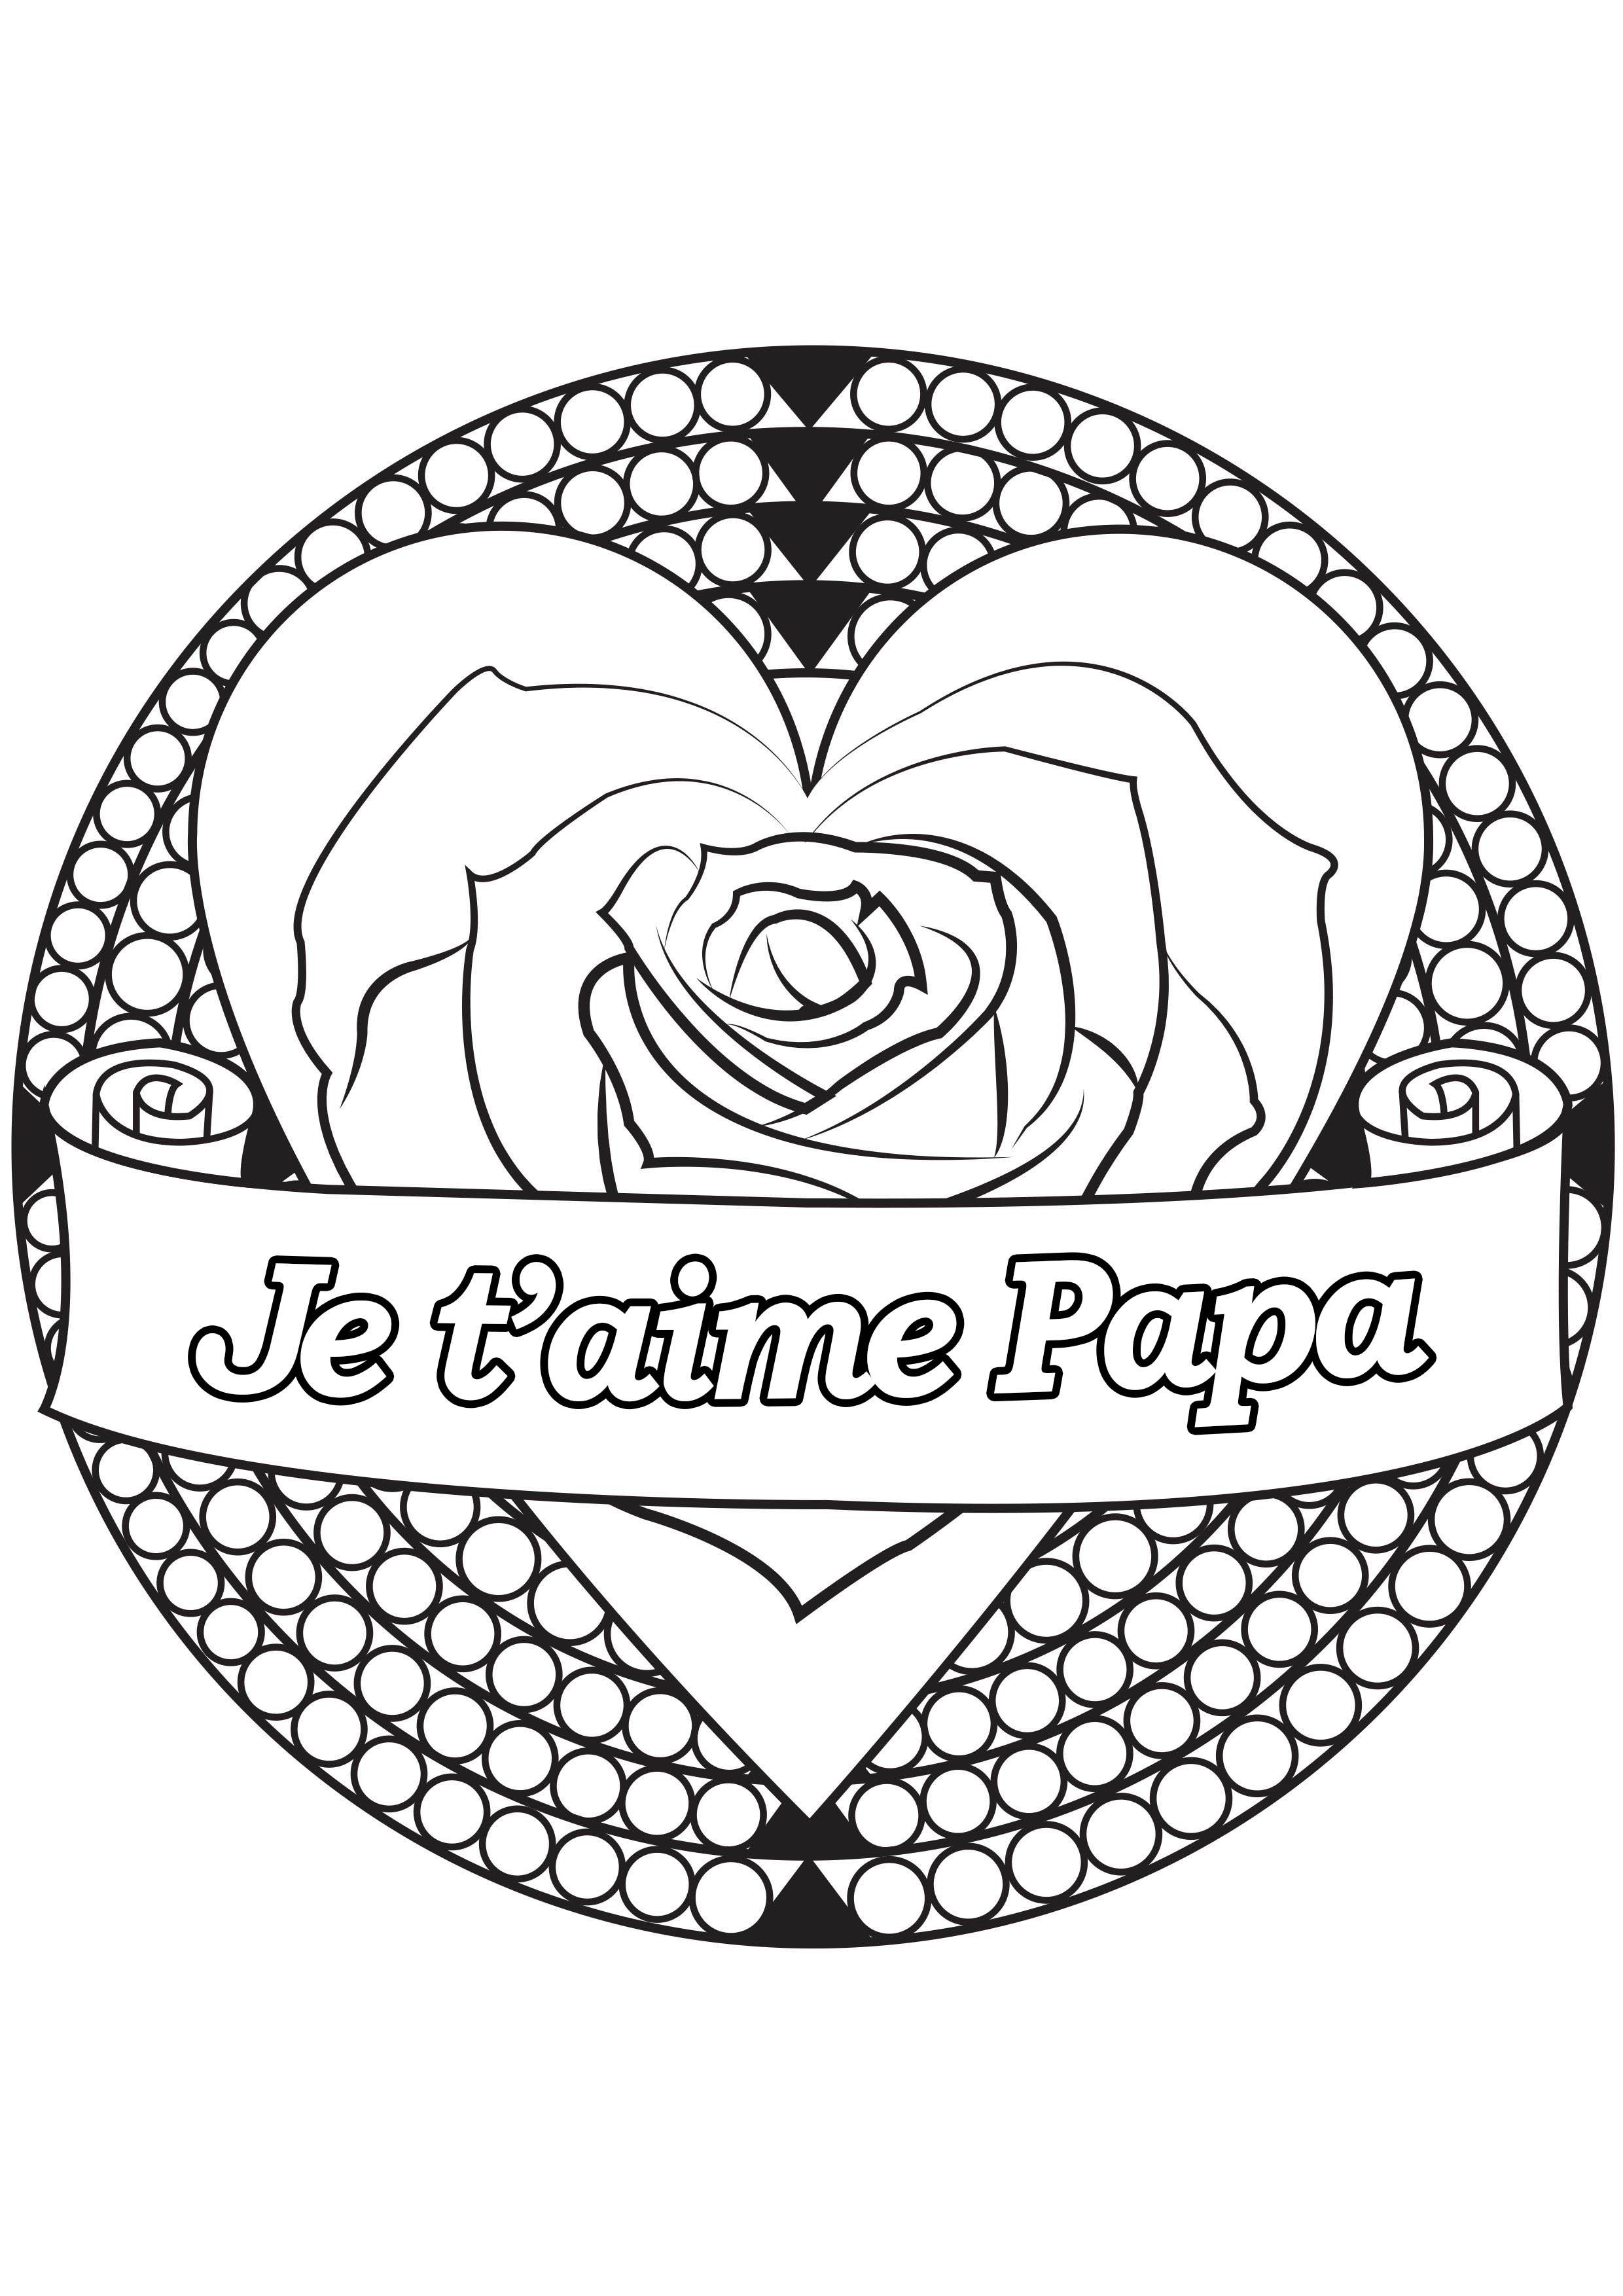 Coloriage spécial Fête des pères : Coeur & rose - 1